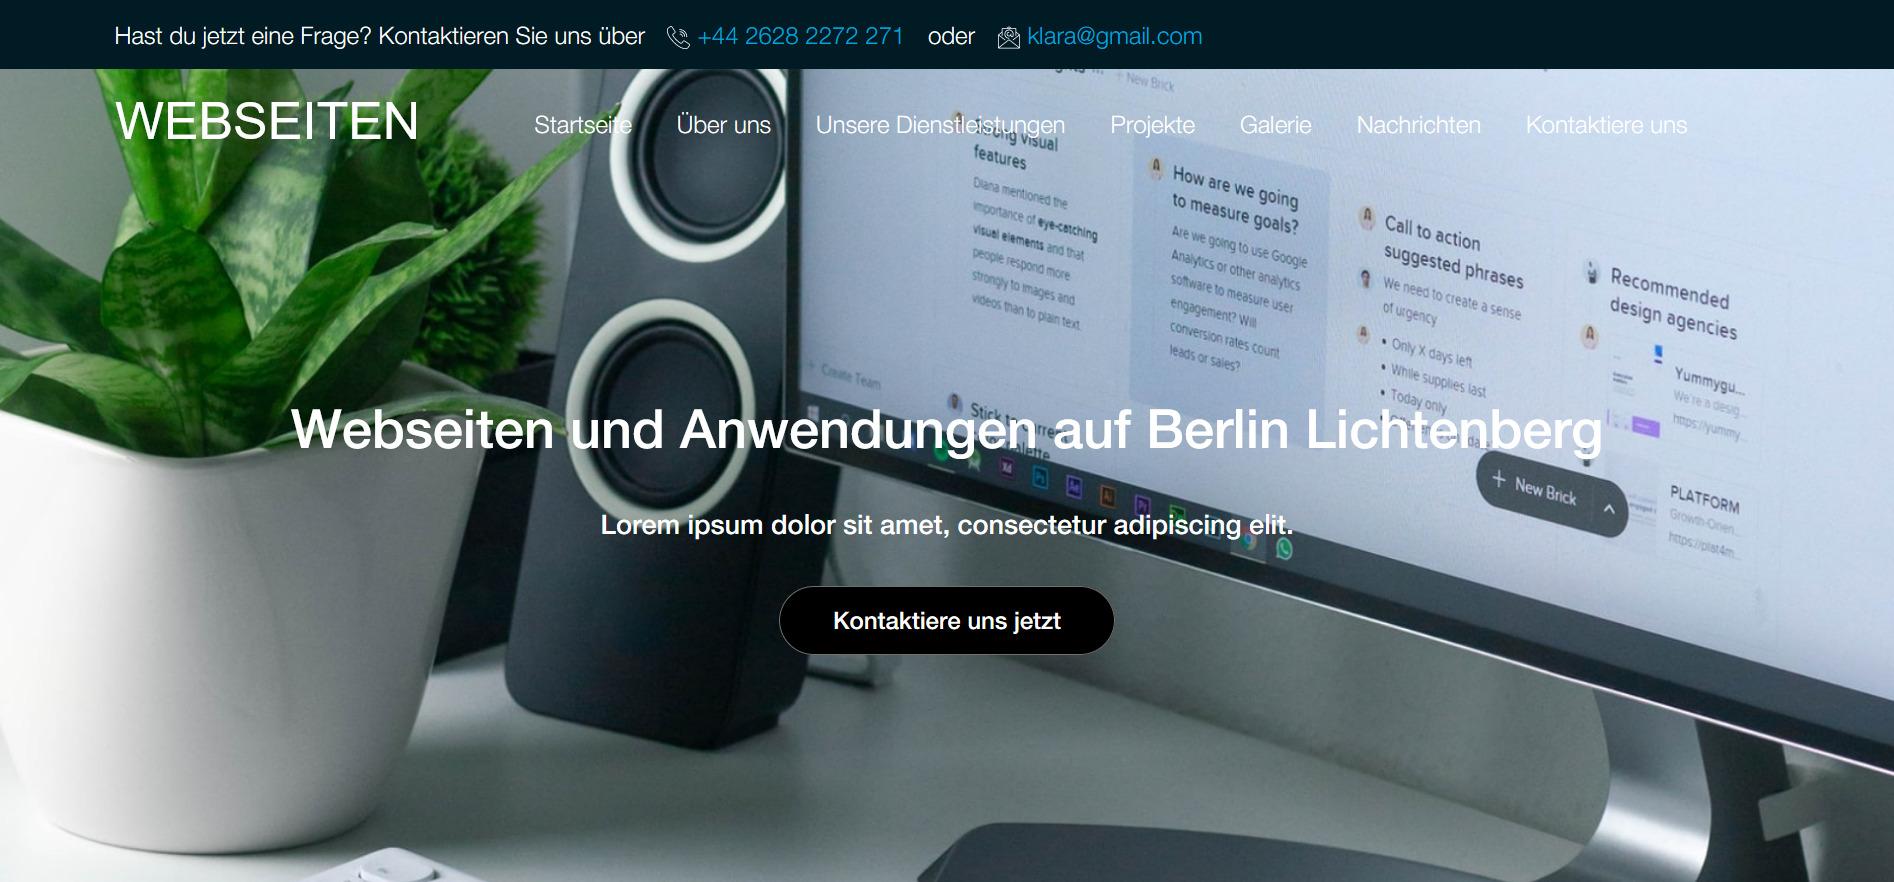 Webseiten aus Berlin Lichtenberg